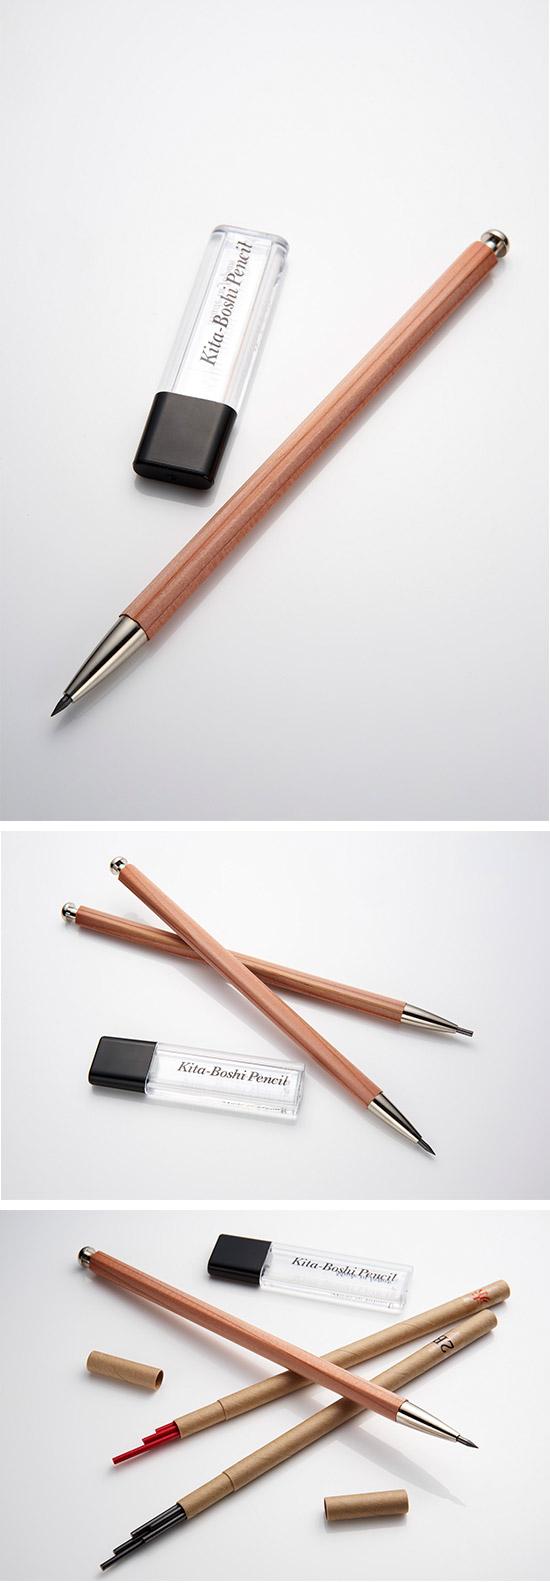 北星大人鉛筆 附筆芯削 原木組